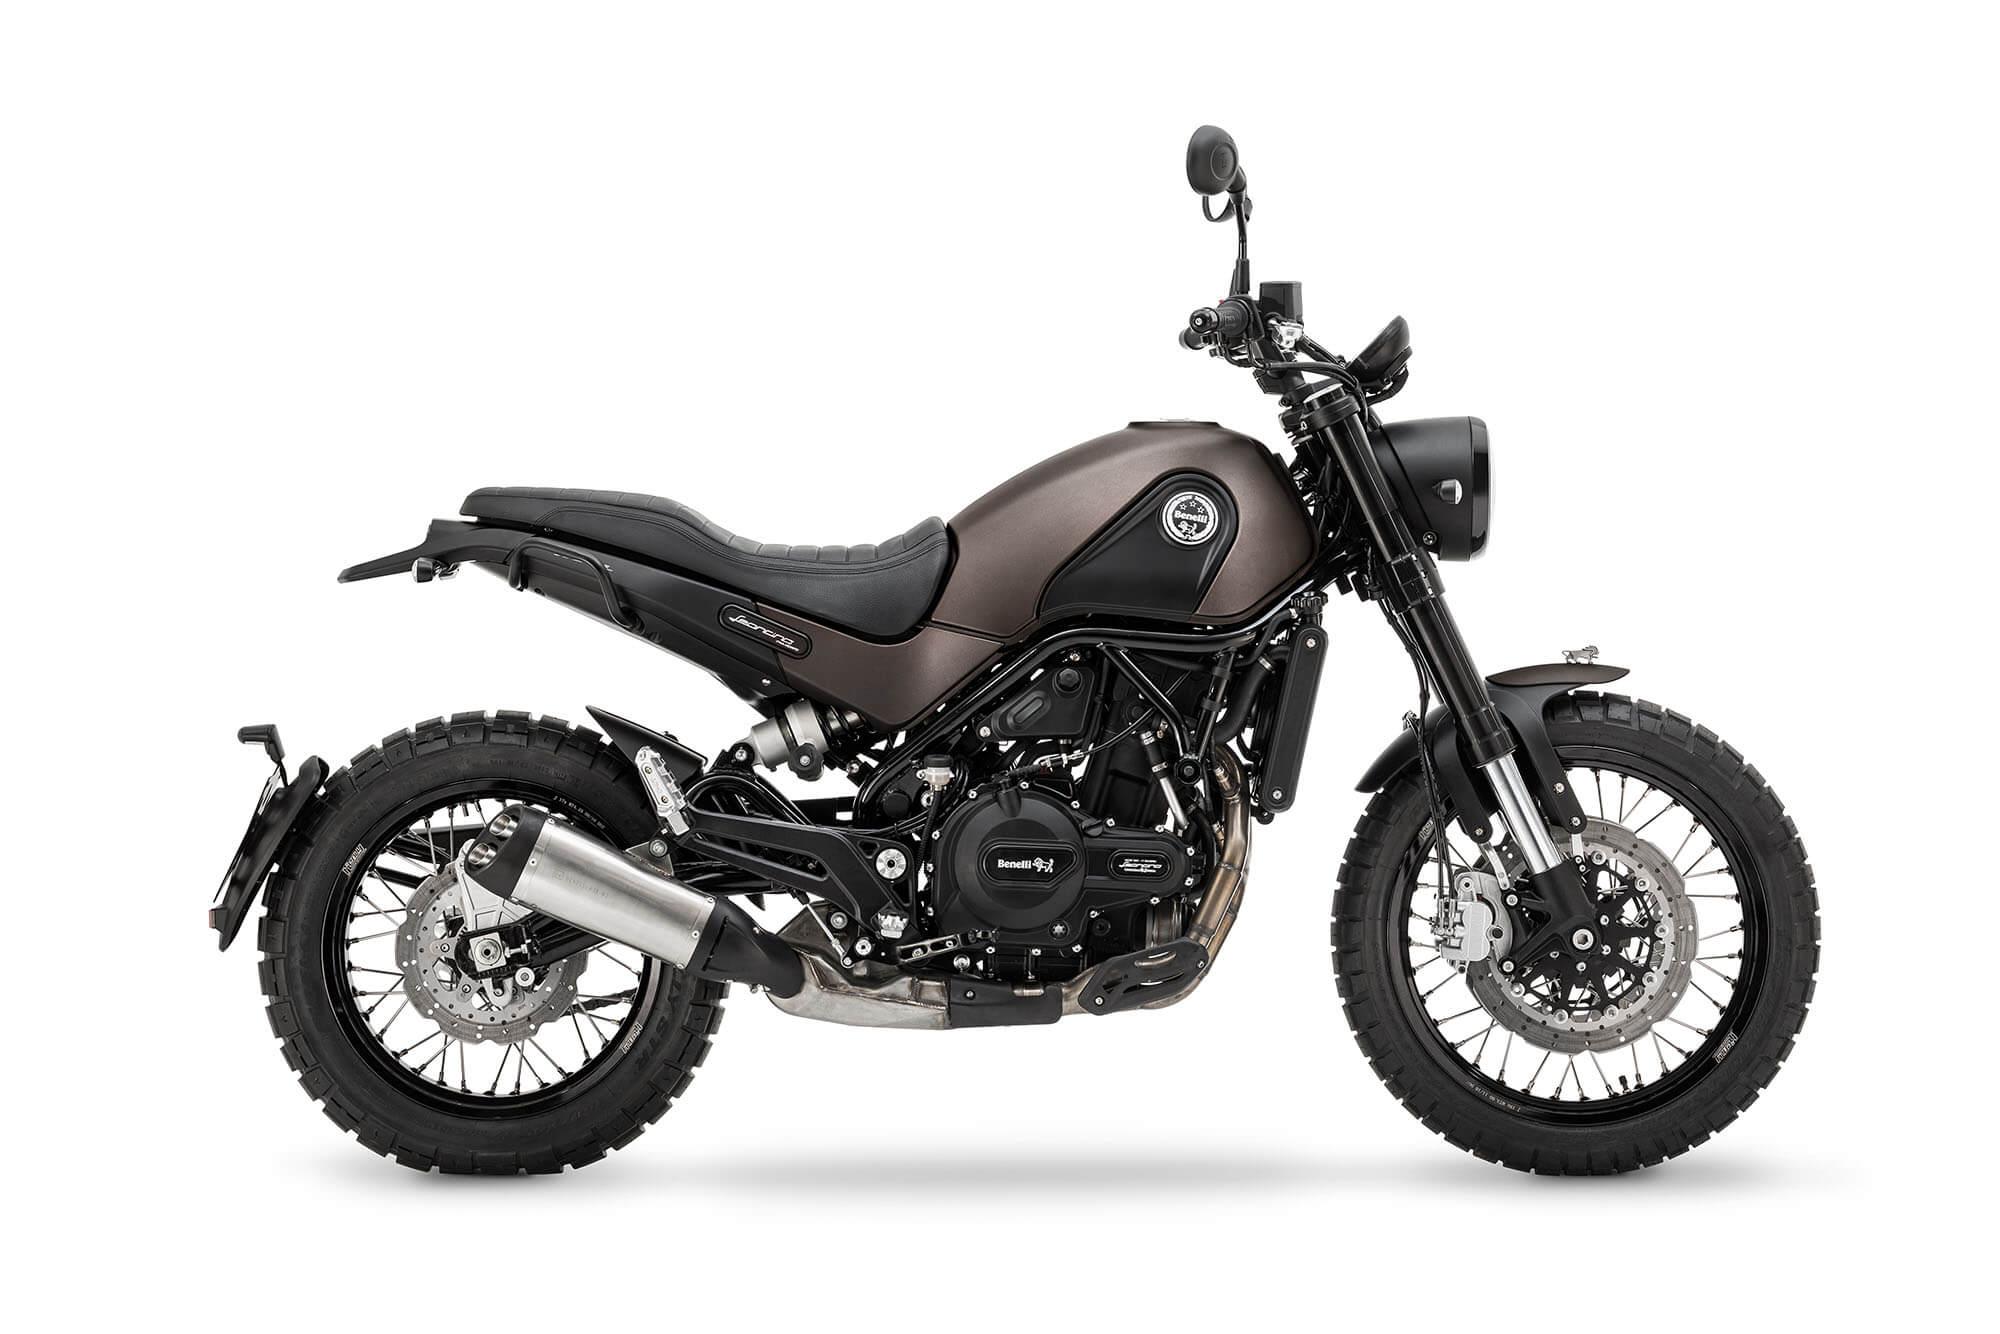 comprar-motos-benelli-leoncino-marron-motissimo-barcelona